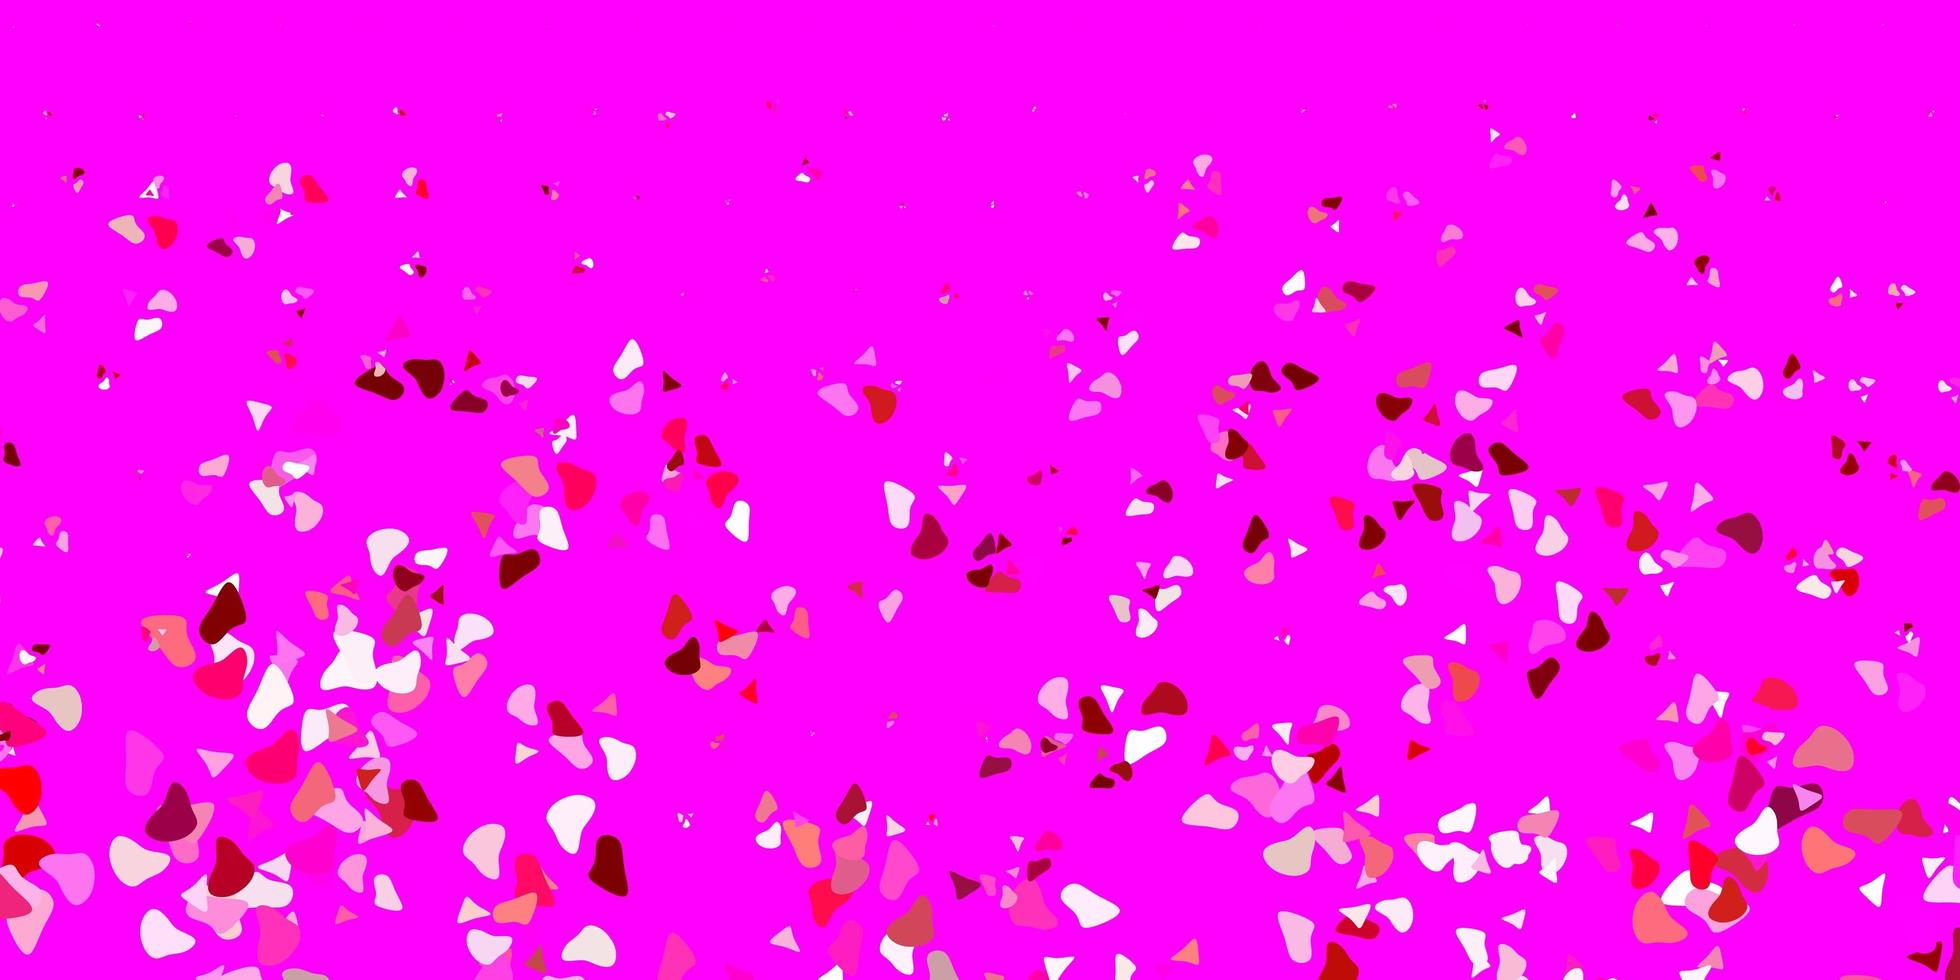 padrão de vetor rosa claro com formas abstratas.